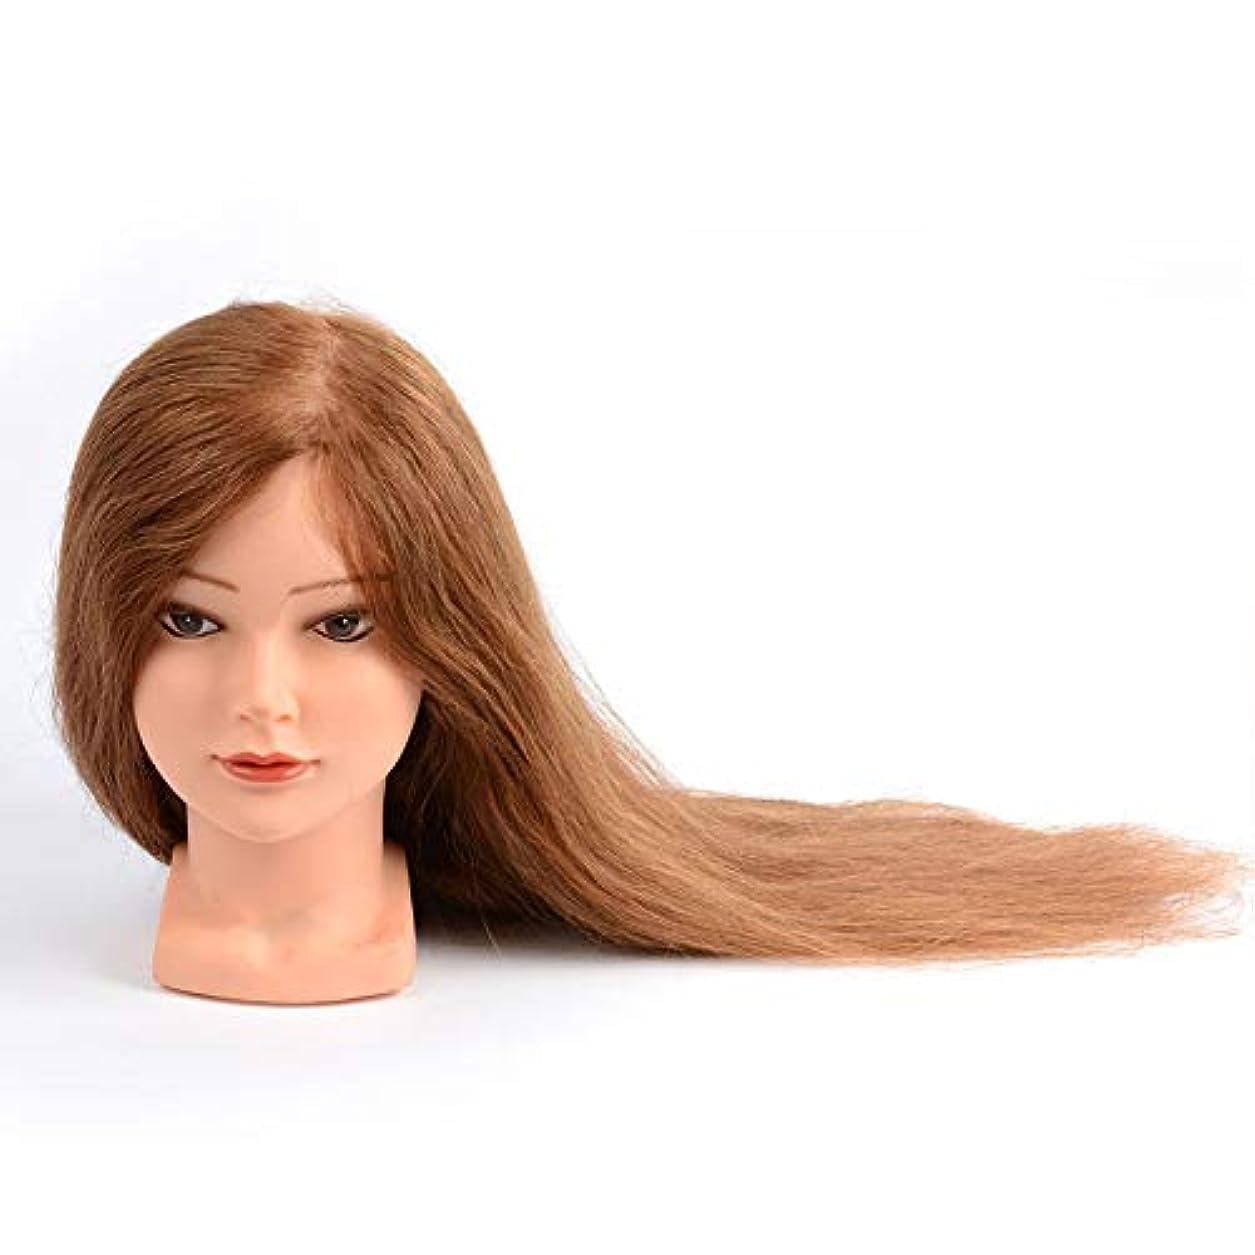 小学生安心酔うゴールデンプラクティスマネキンヘッドブライダルメイクスタイリングプラクティスダミーヘッドヘアサロン散髪指導ヘッドは染めることができます漂白